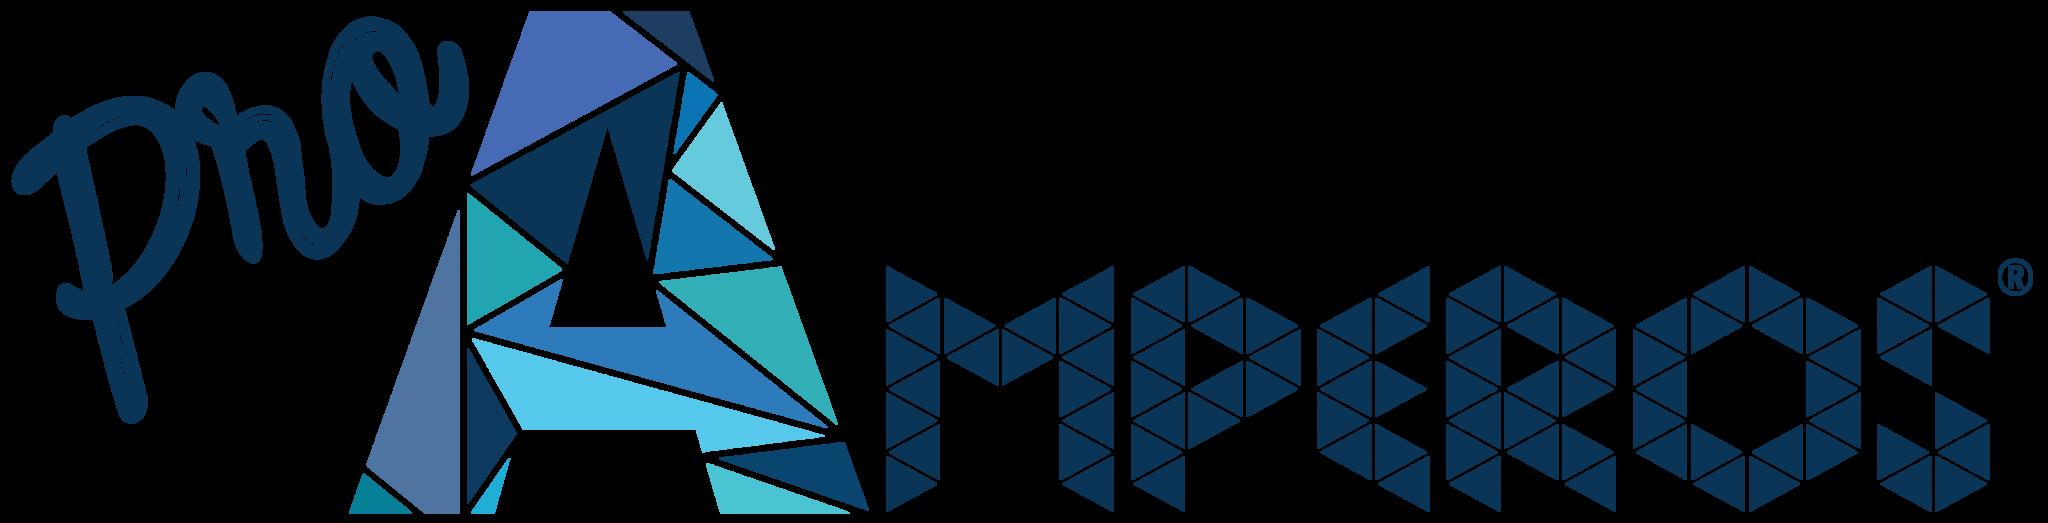 Logotipo principal recortado de Pro Amperos